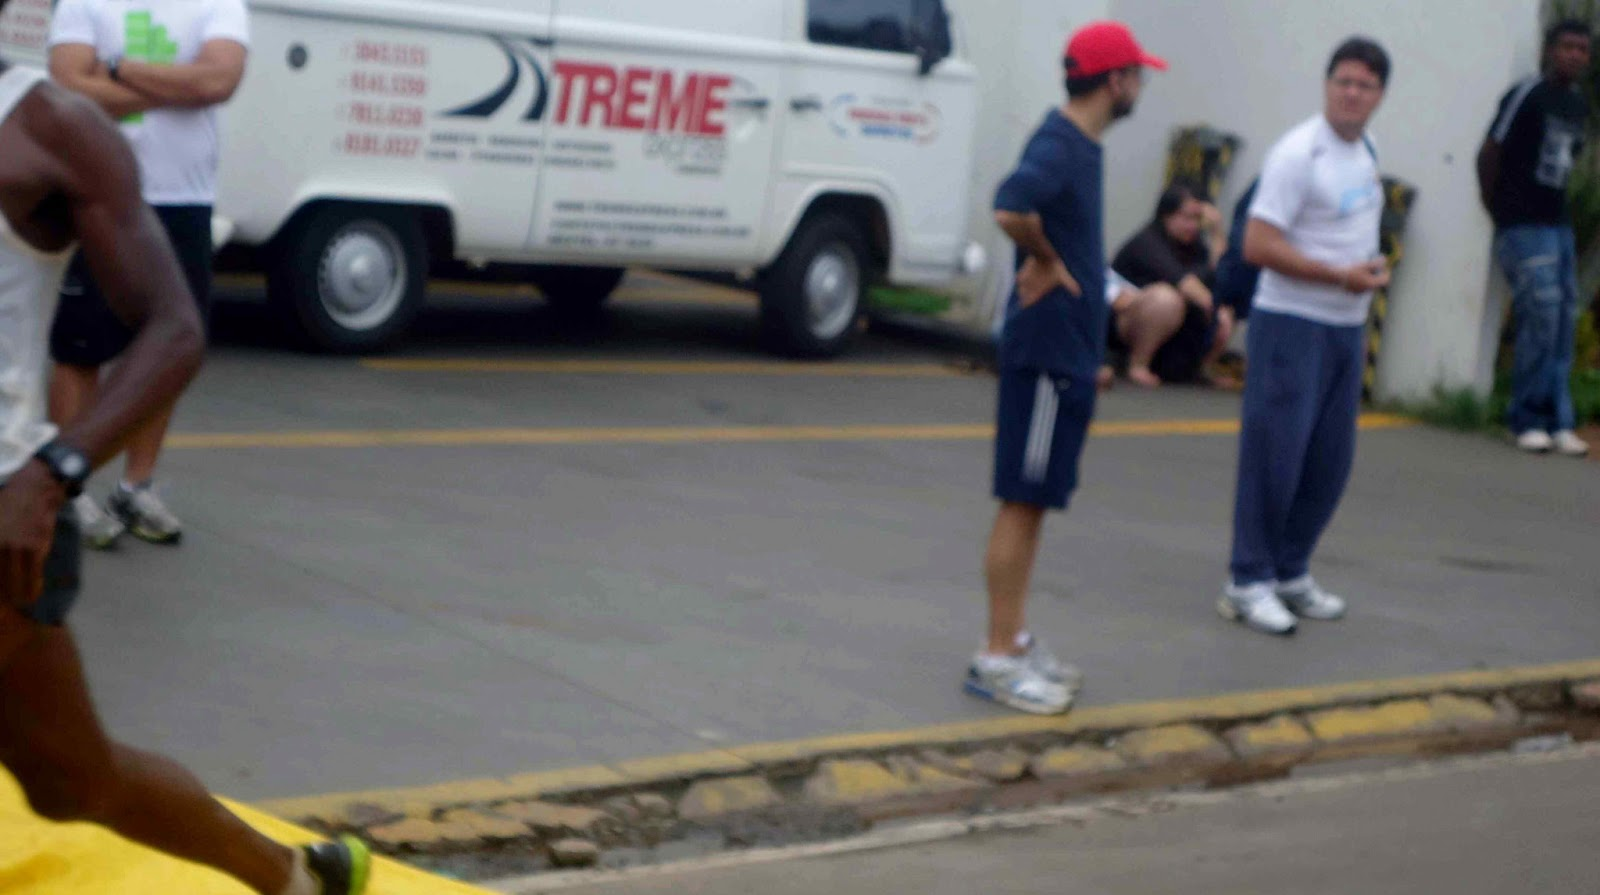 Foto 49 da 1ª Corrida Av. dos Coqueiros em Barretos-SP 14/04/2013 – Atletas cruzando a linha de chegada